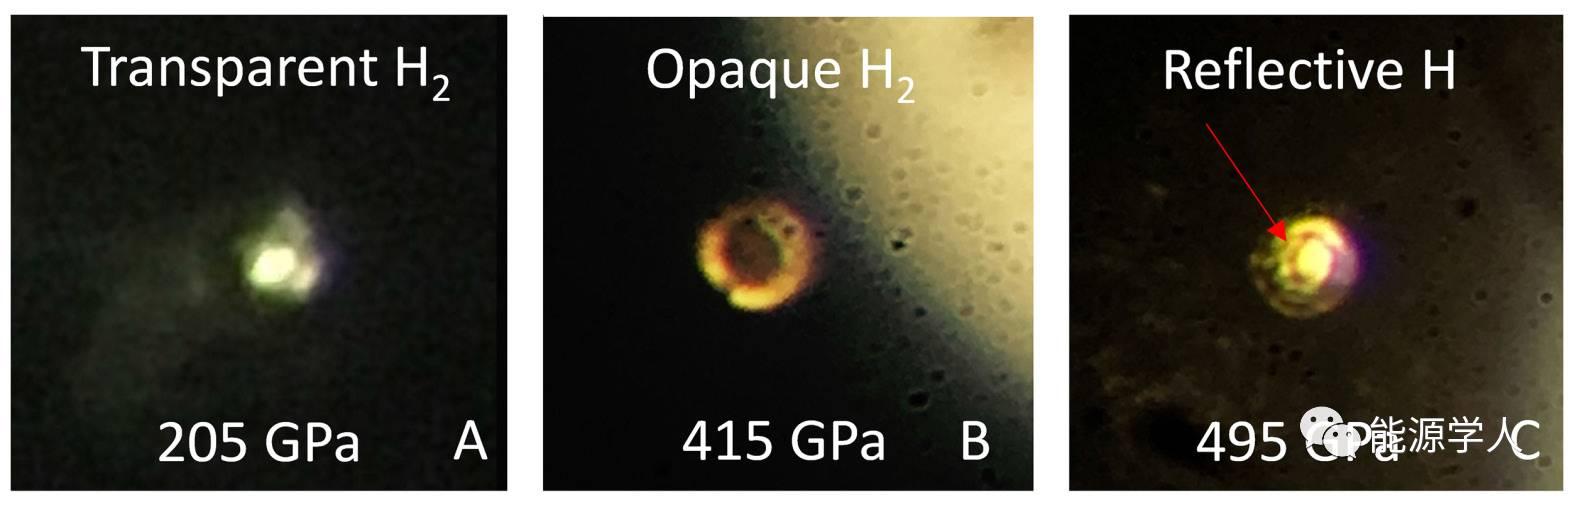 杂谈|堪比核燃料的全氮高能分子